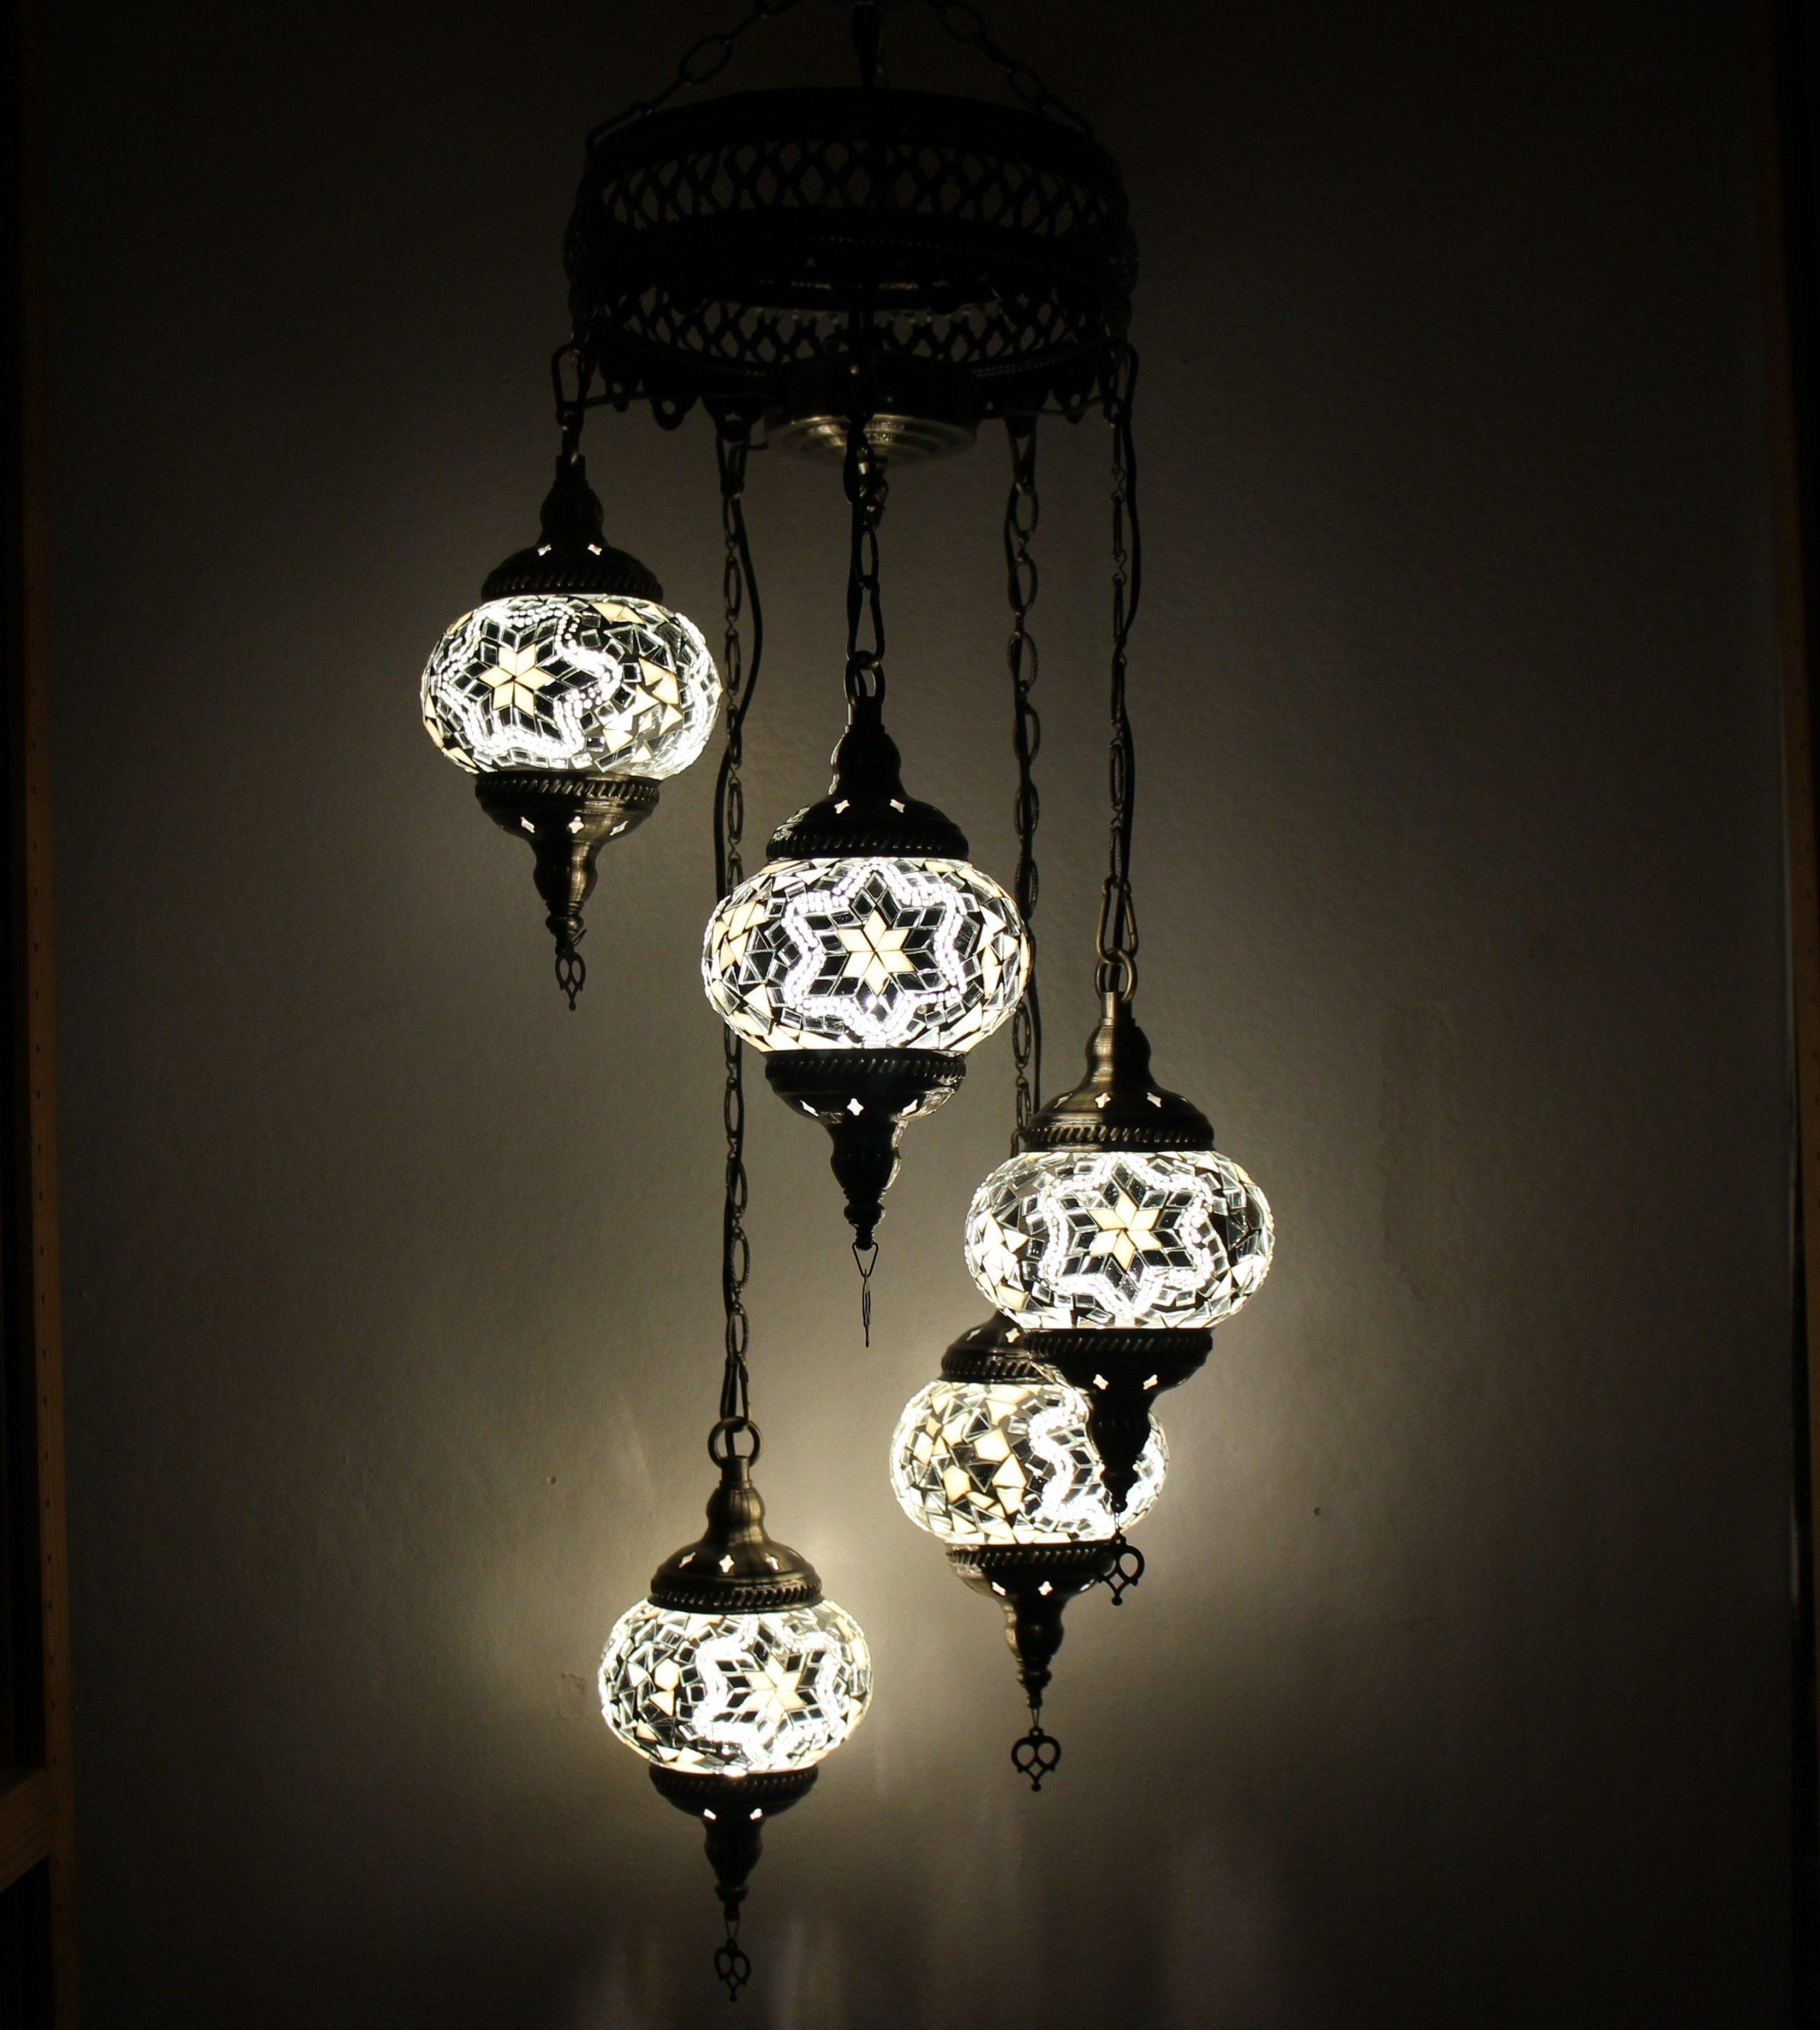 Turkish mosaic hanging lamp 5 globe white